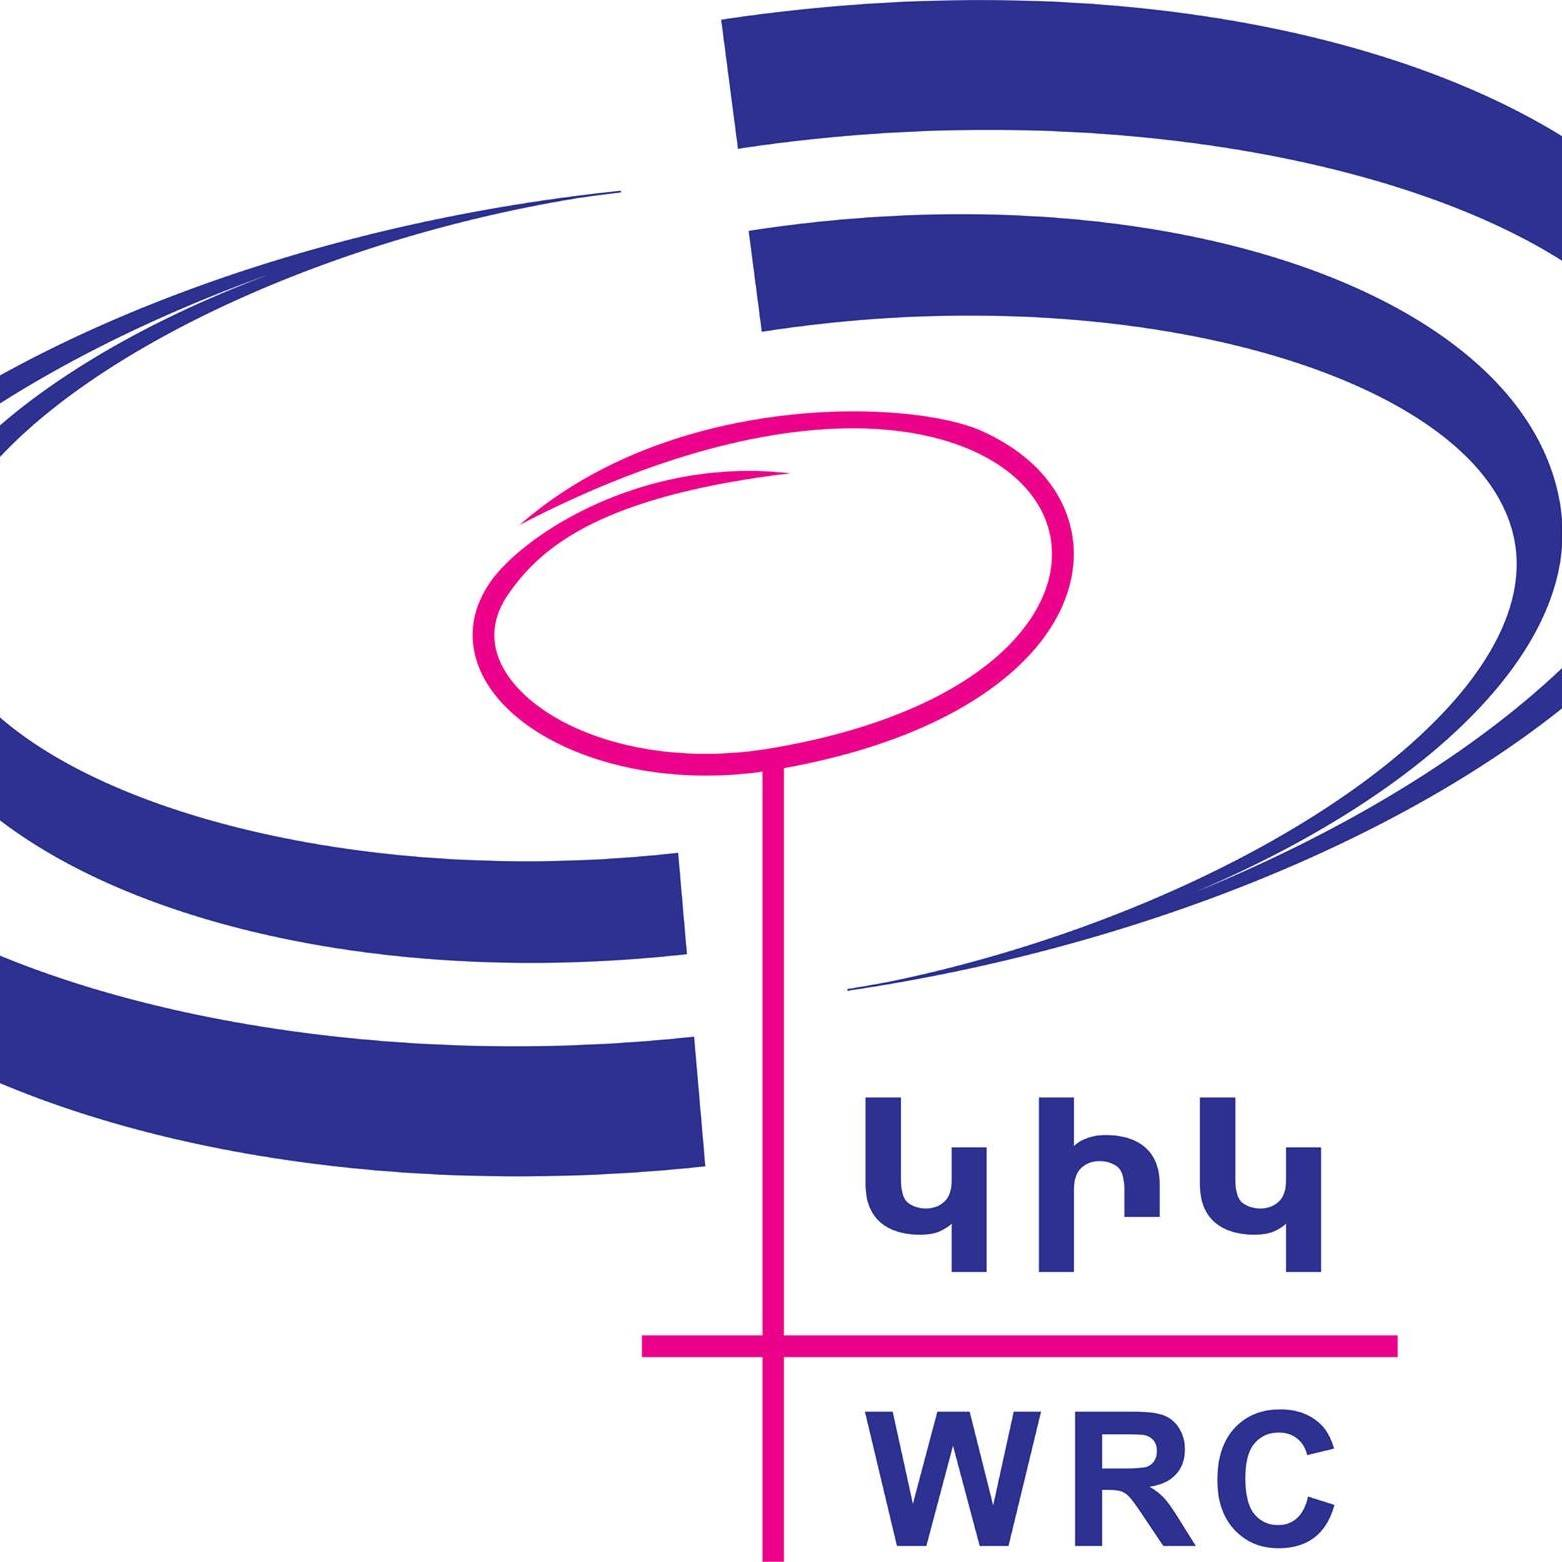 Կանանց իրավունքների կենտրոն